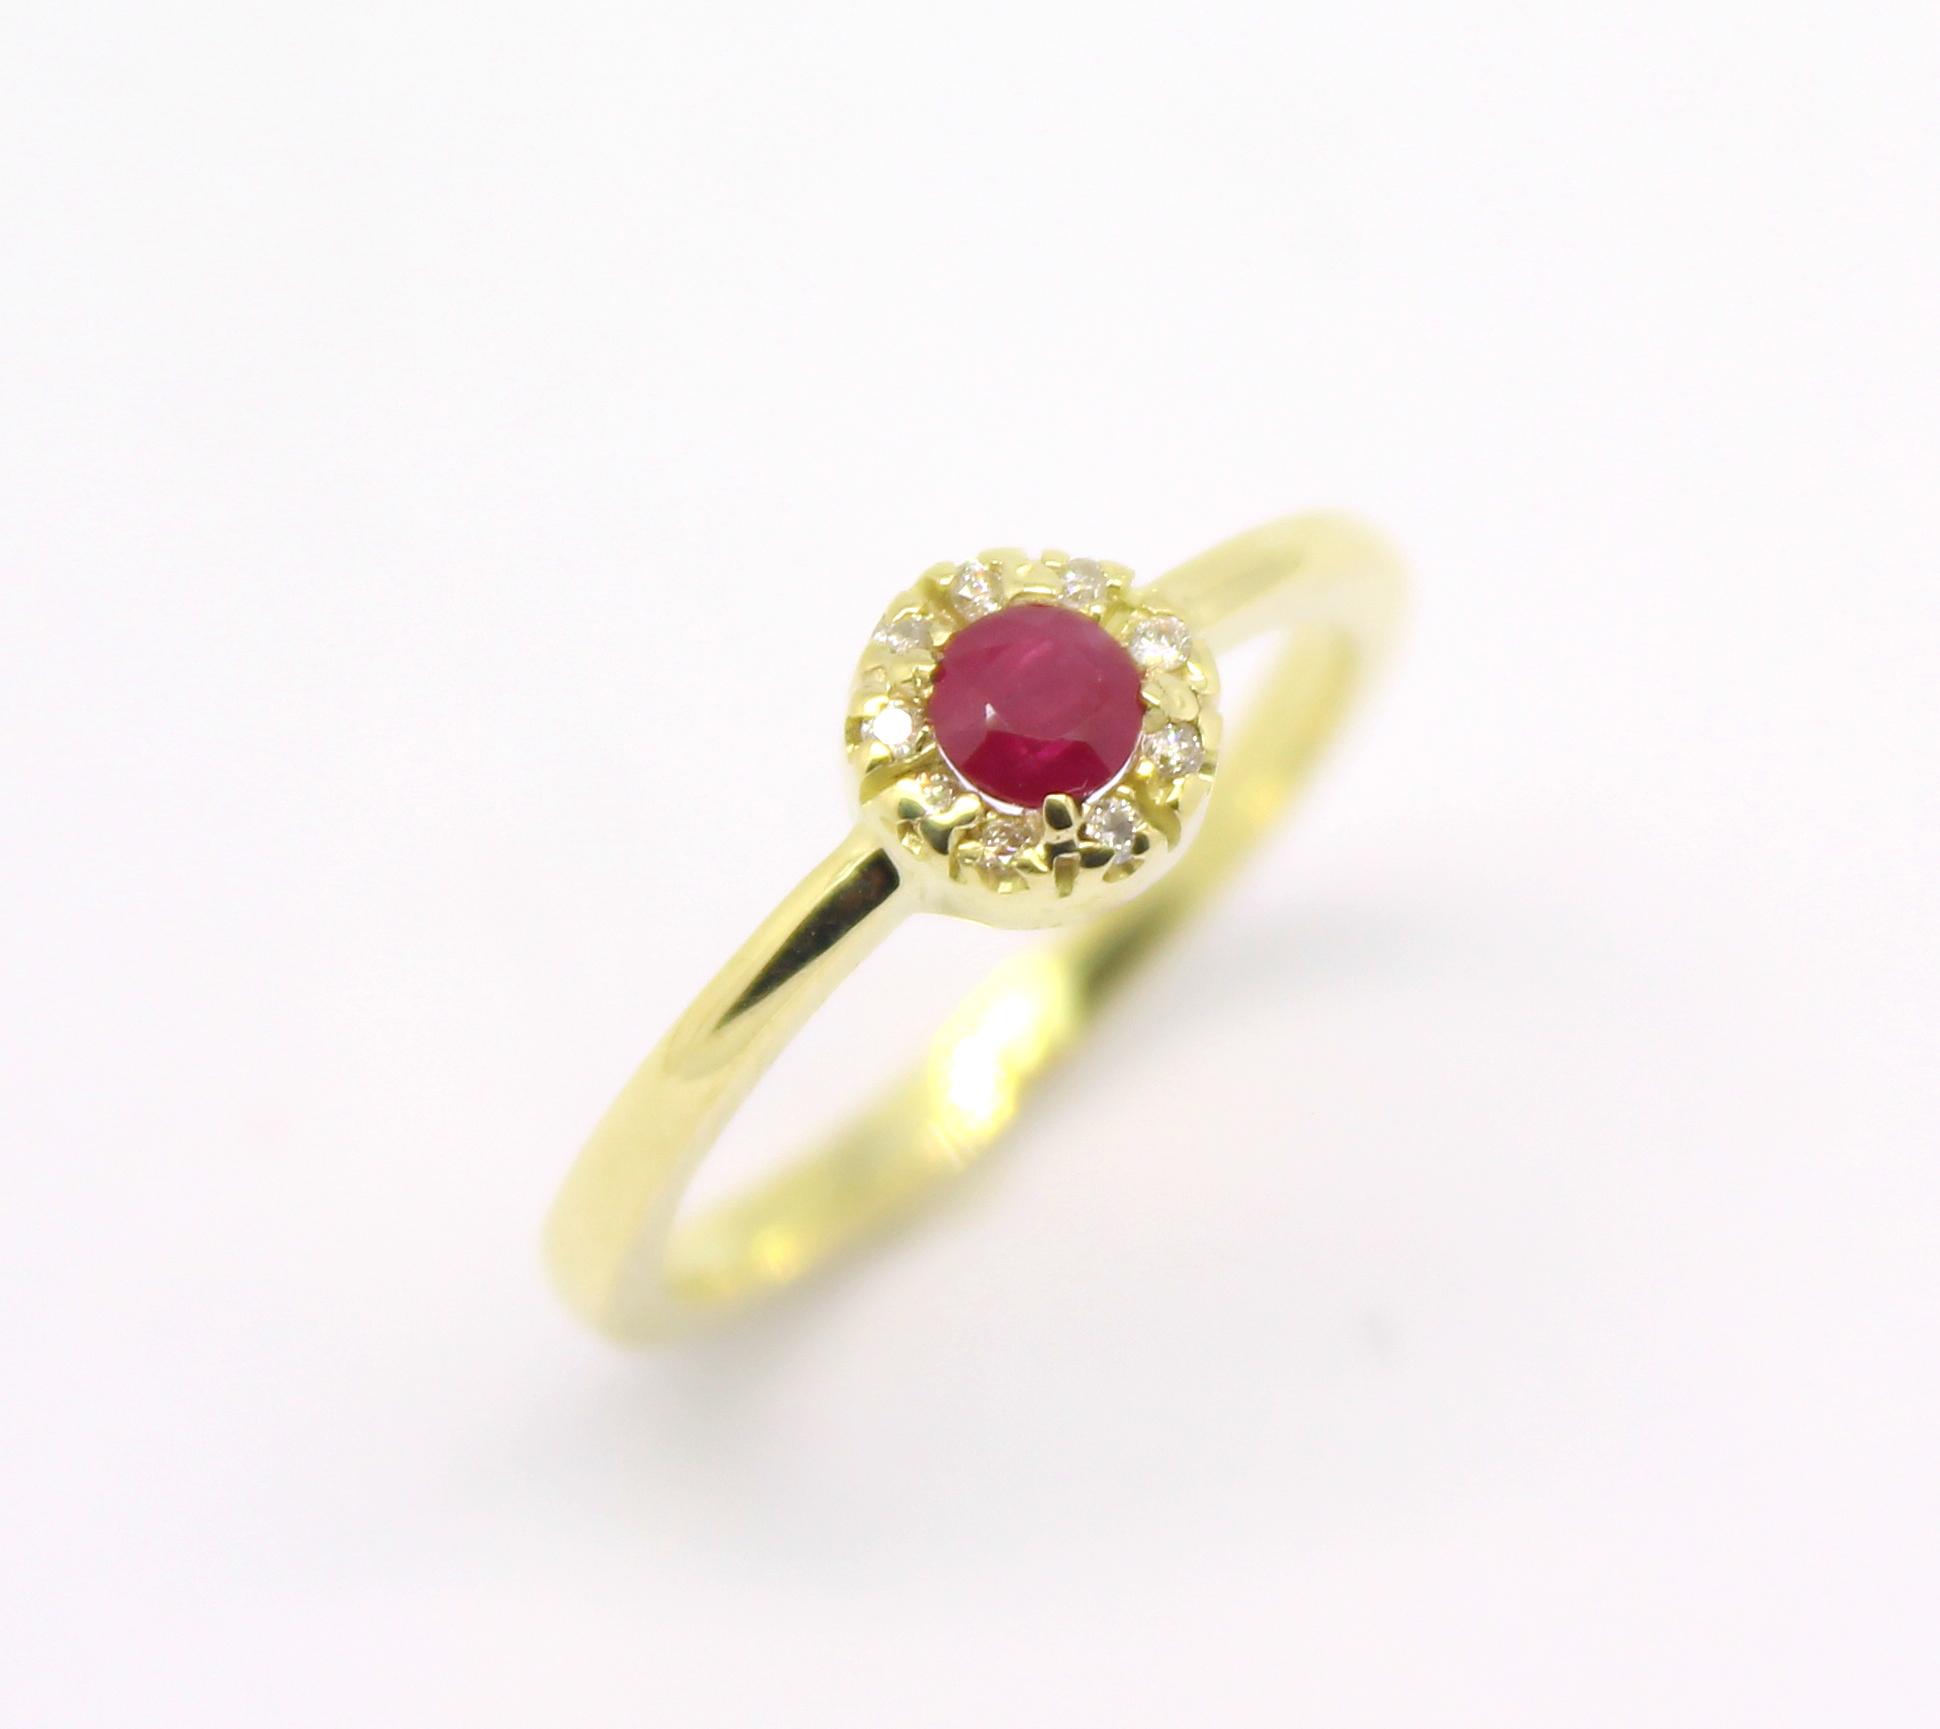 fcab0fa785f Anel de Formatura Direito Rubi e Diamantes Ouro 18k 750 - Marcio ...